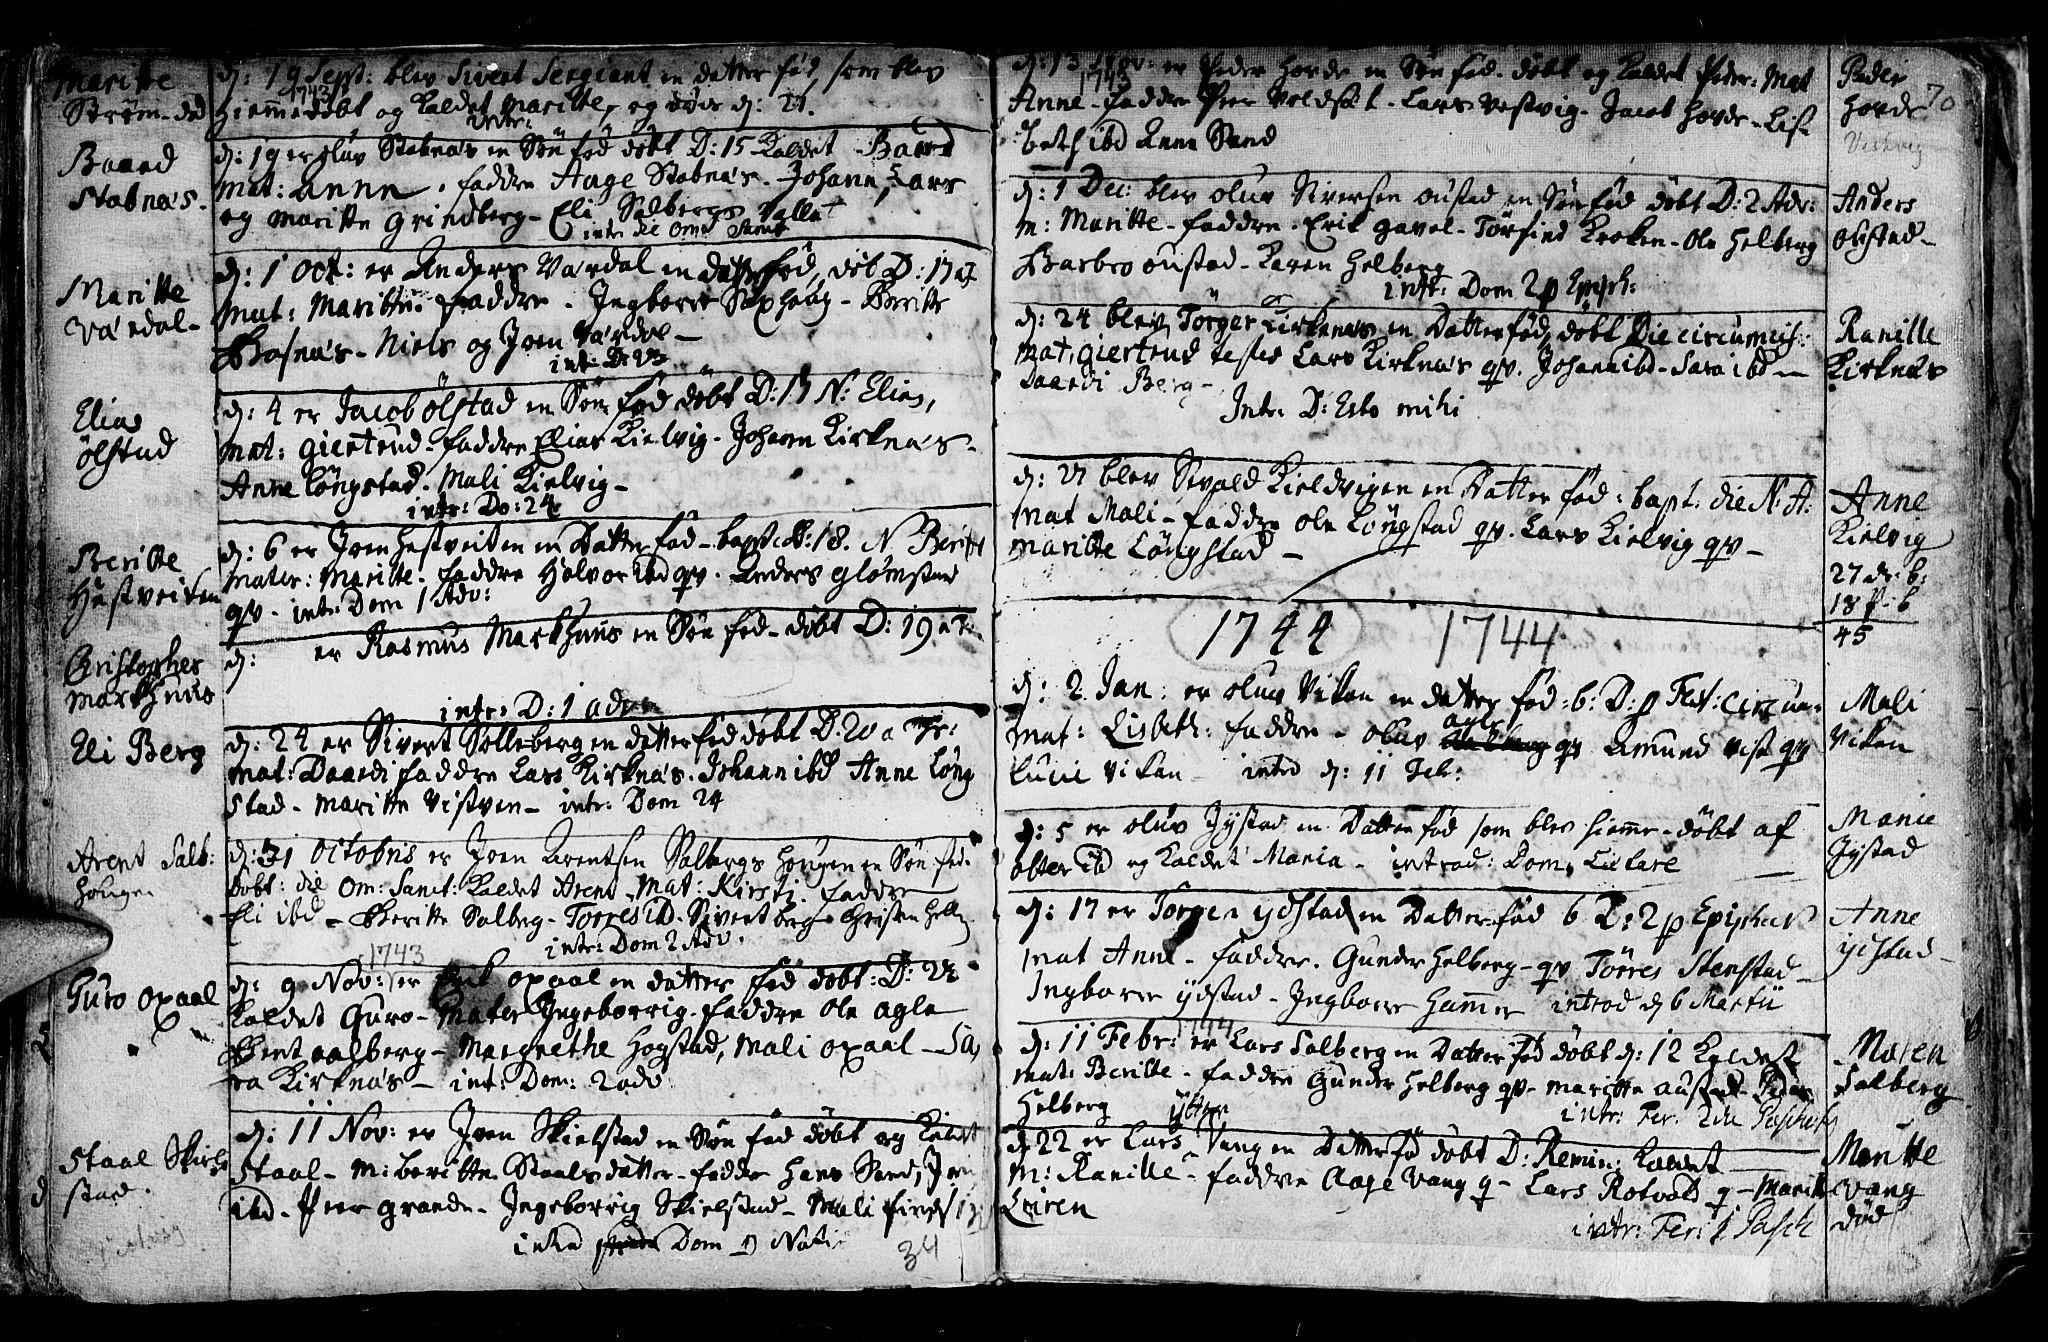 SAT, Ministerialprotokoller, klokkerbøker og fødselsregistre - Nord-Trøndelag, 730/L0272: Ministerialbok nr. 730A01, 1733-1764, s. 70